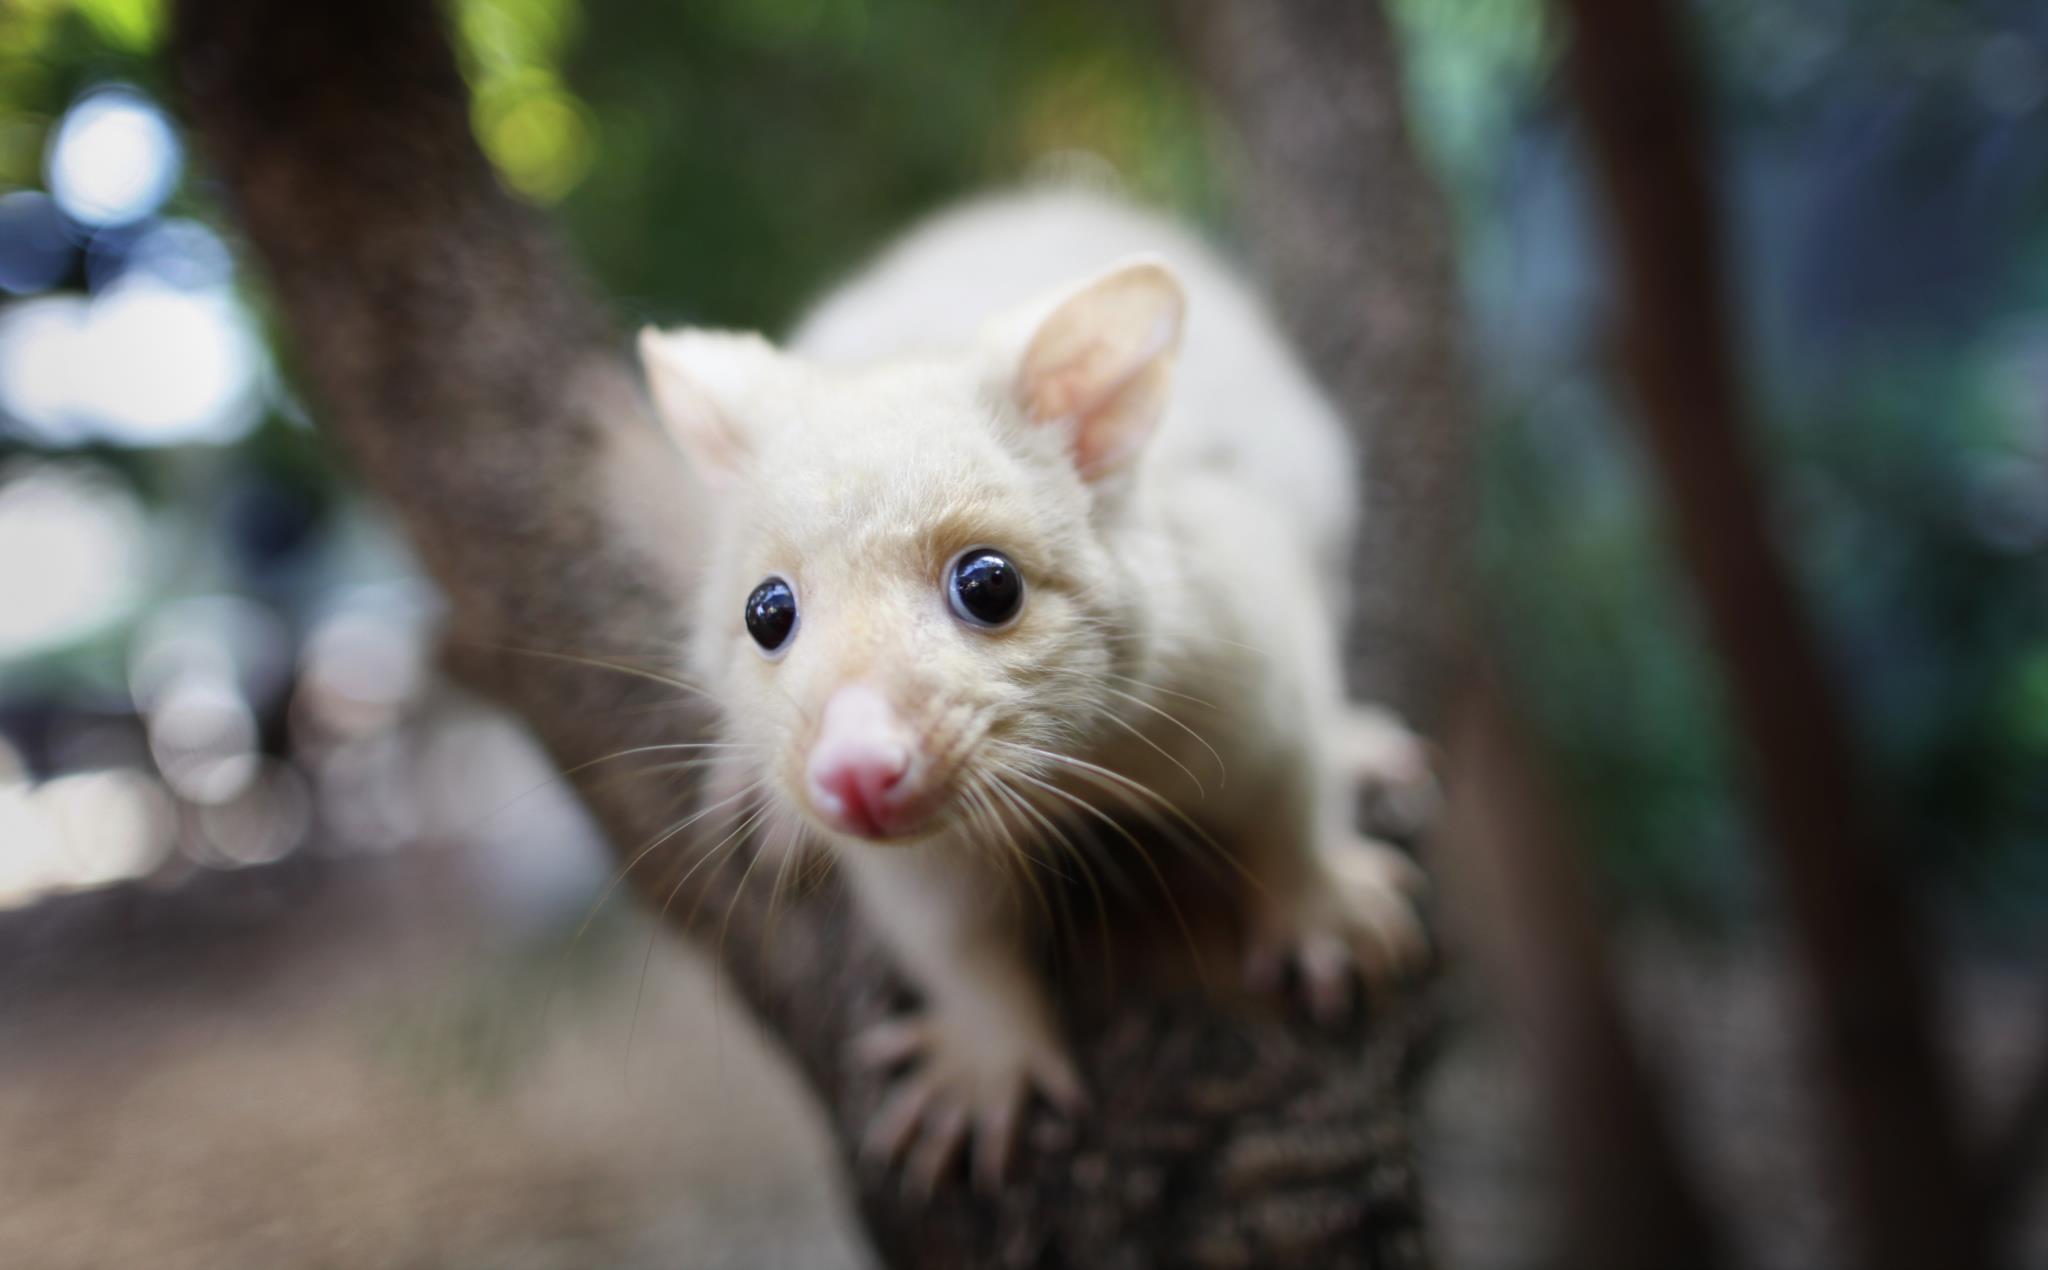 """PÚBLICO - Os opossuns são uma """"peste"""" na Nova Zelândia. Dará isso direito a afogar as suas crias?"""